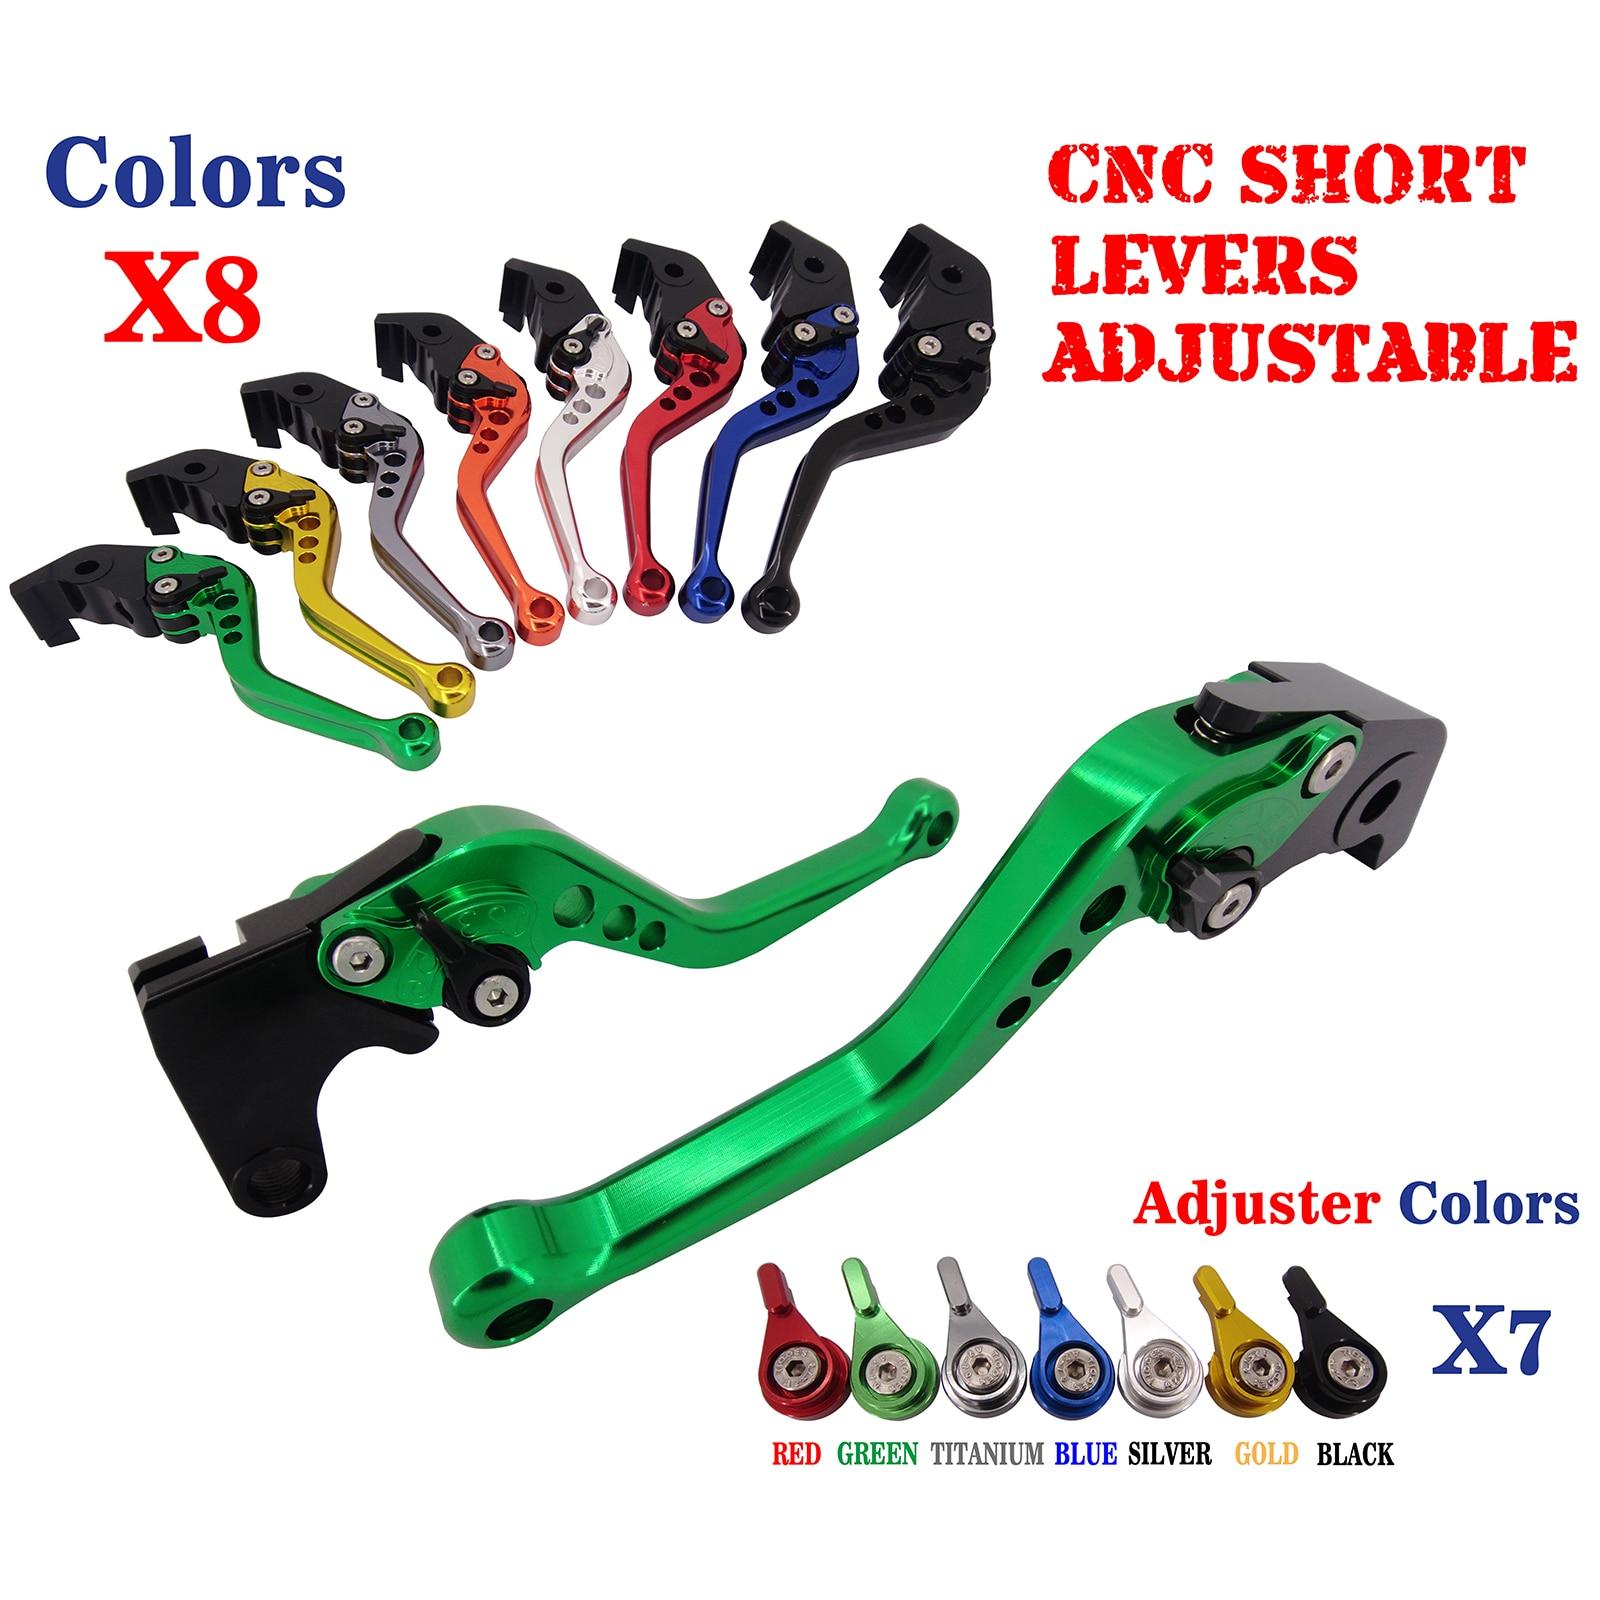 CNC Short Adjustable Brake Clutch Levers For Honda CB599/CB600 Hornet  CBR900RR NC700 NC750 S/X CBR600 F2 F3 F4 F4i 1991-2007 motorcycle brake clutch levers for honda cbr250r cbr250 cbr600f f1 f2 f3 f4 cbr600rr f5 cbr900rr cbr900 1pair black hot sale